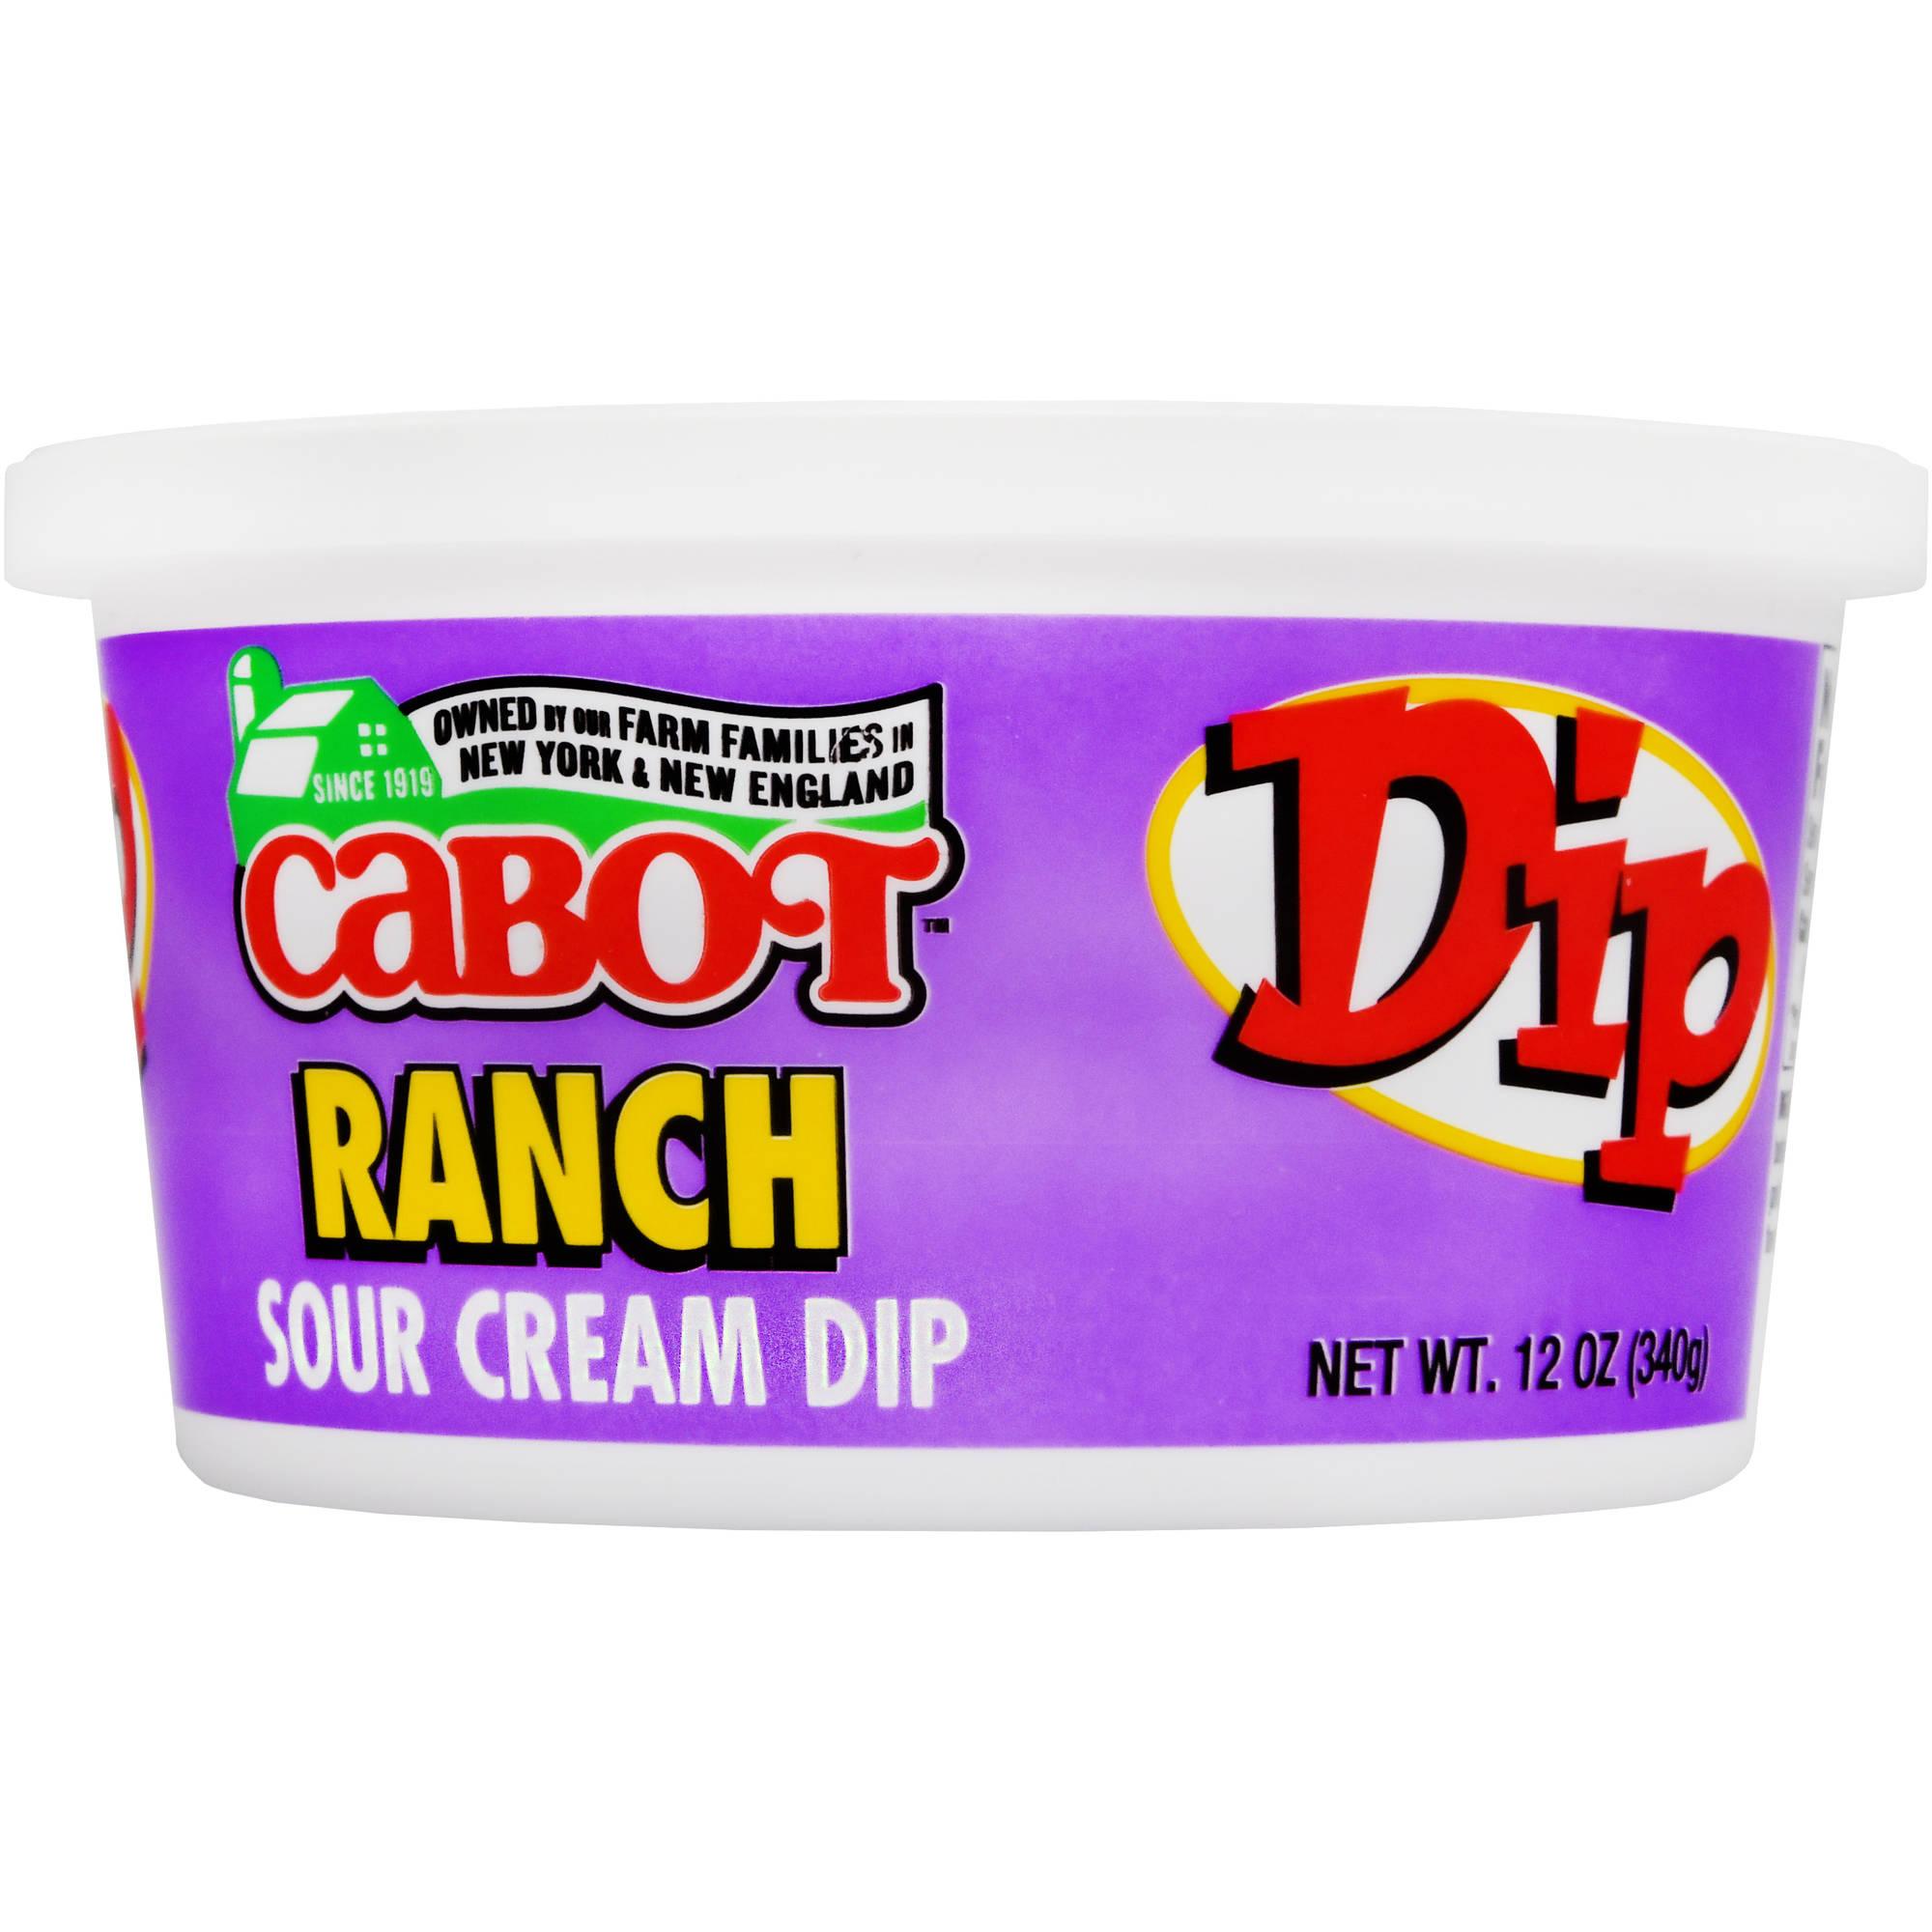 Cabot Ranch Dip, 12 oz